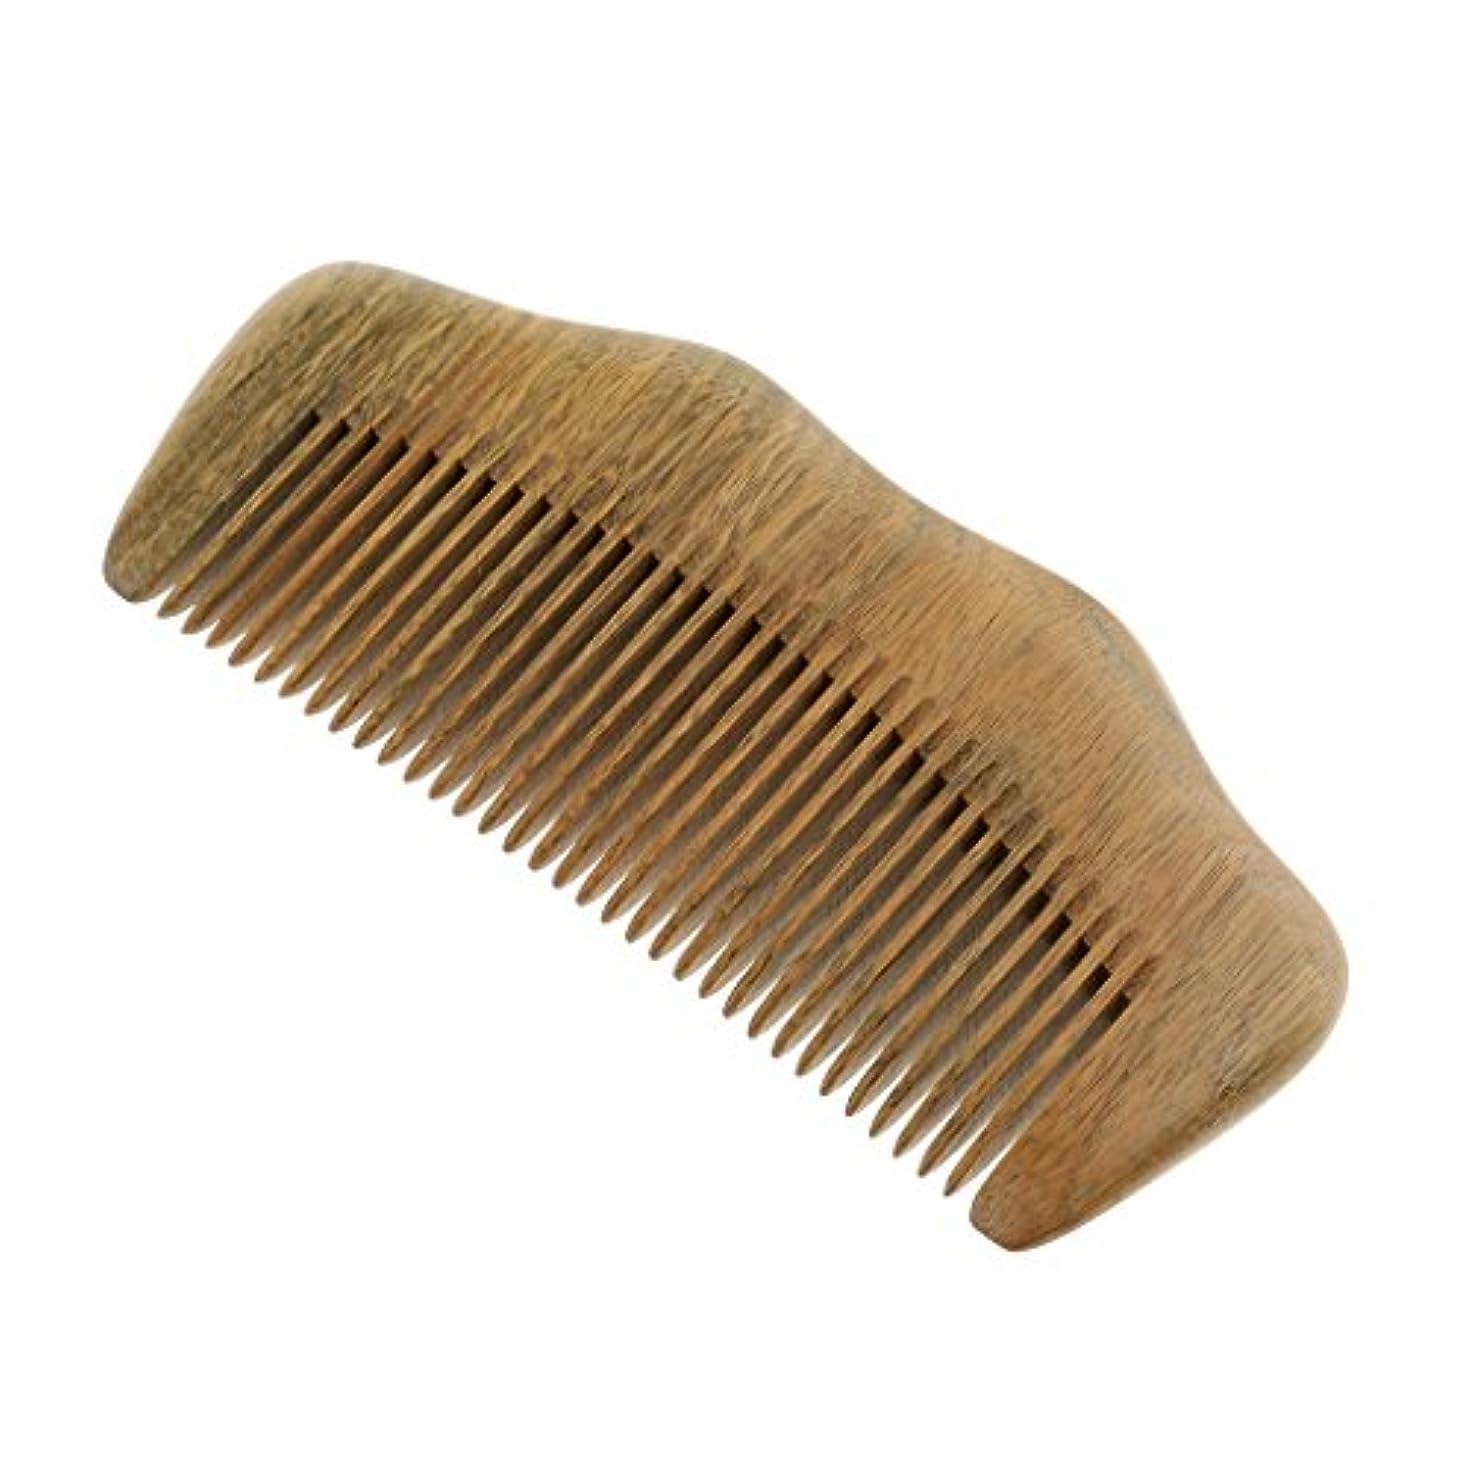 はがき平行移民T TOOYFUL ウッドヘアコーム 自然な木 櫛 ヘアケア マッサージ 細かい歯 静電気防止 滑らか